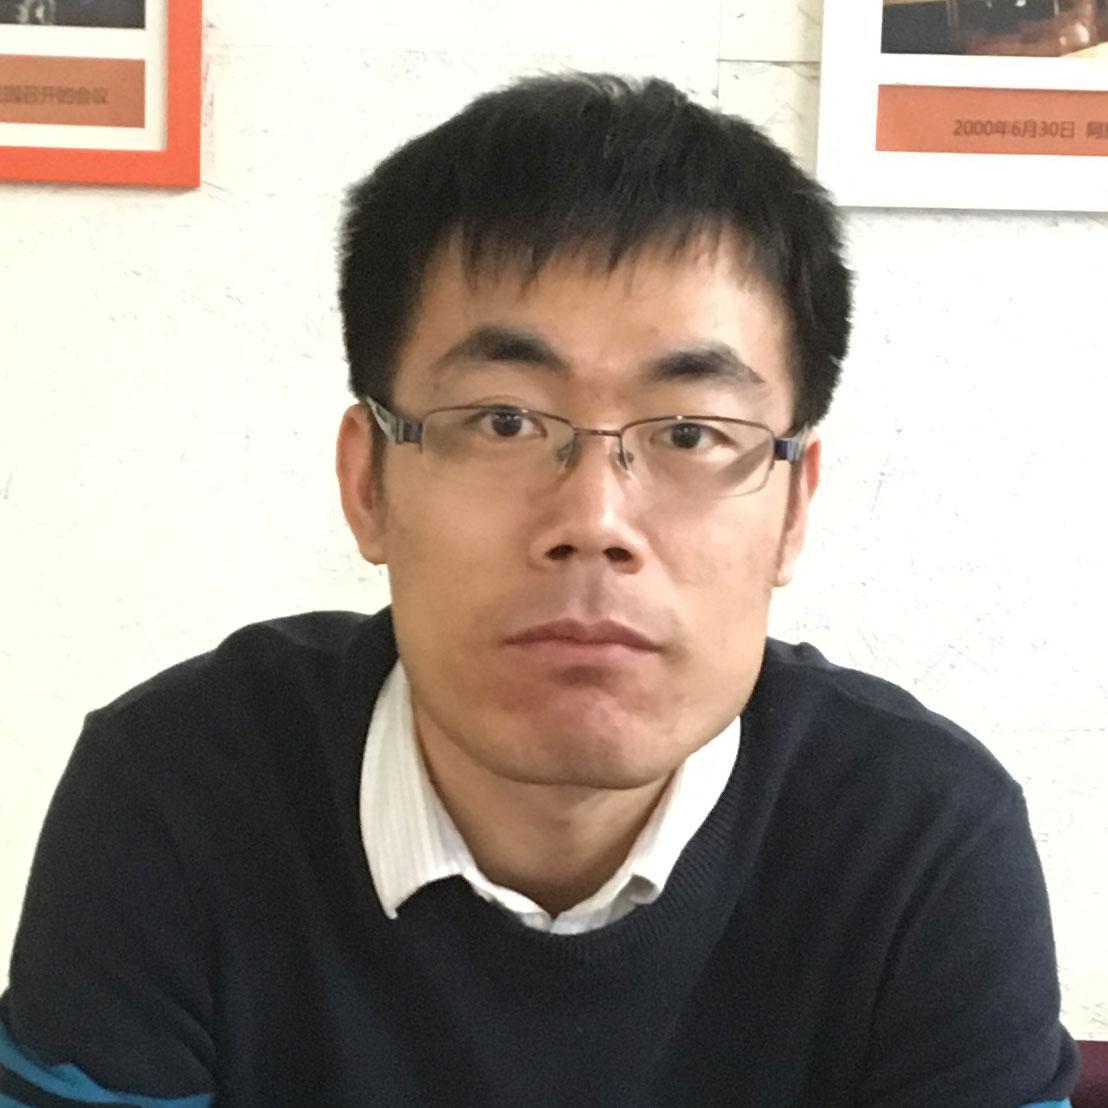 淘宝架构师信海龙照片